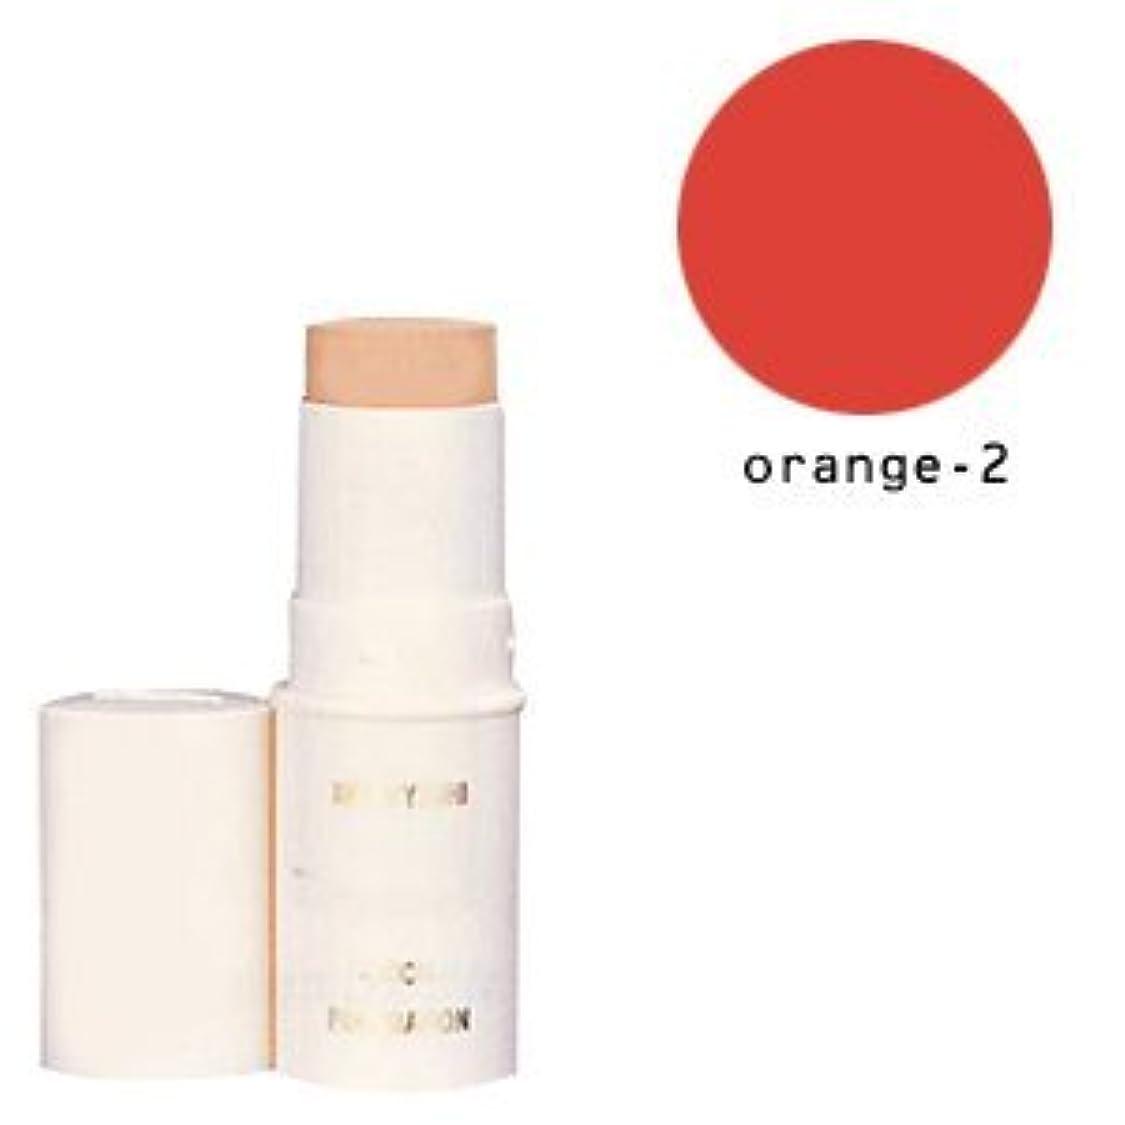 ゴール頭痛死にかけている三善 スティックファンデーション オレンジ2